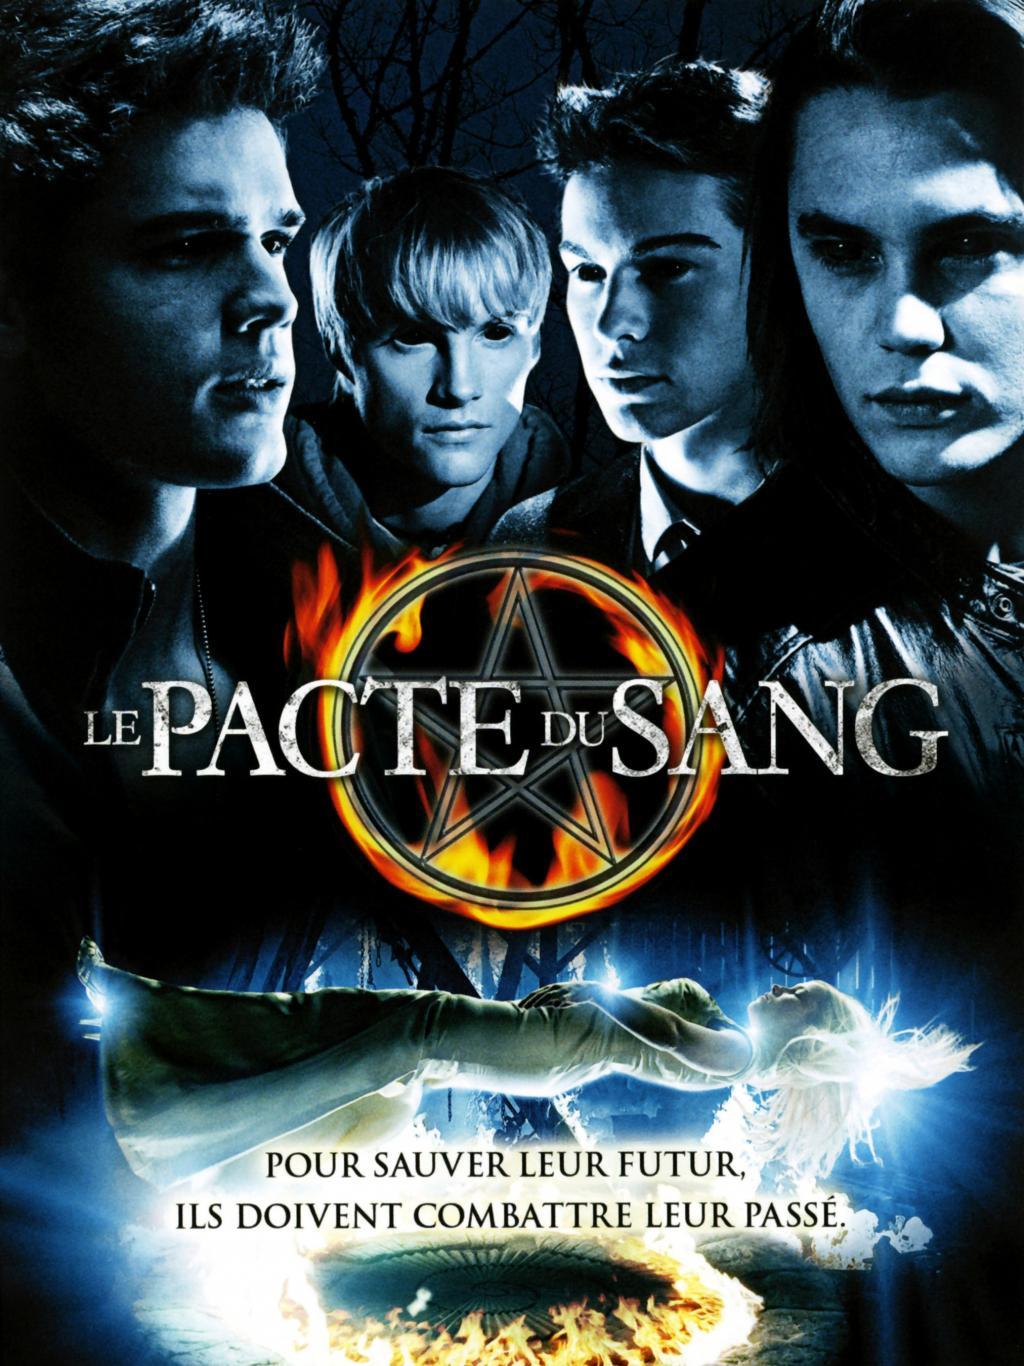 Le Pacte du sang (Film) Le_pacte_du_sang-5-3b66449